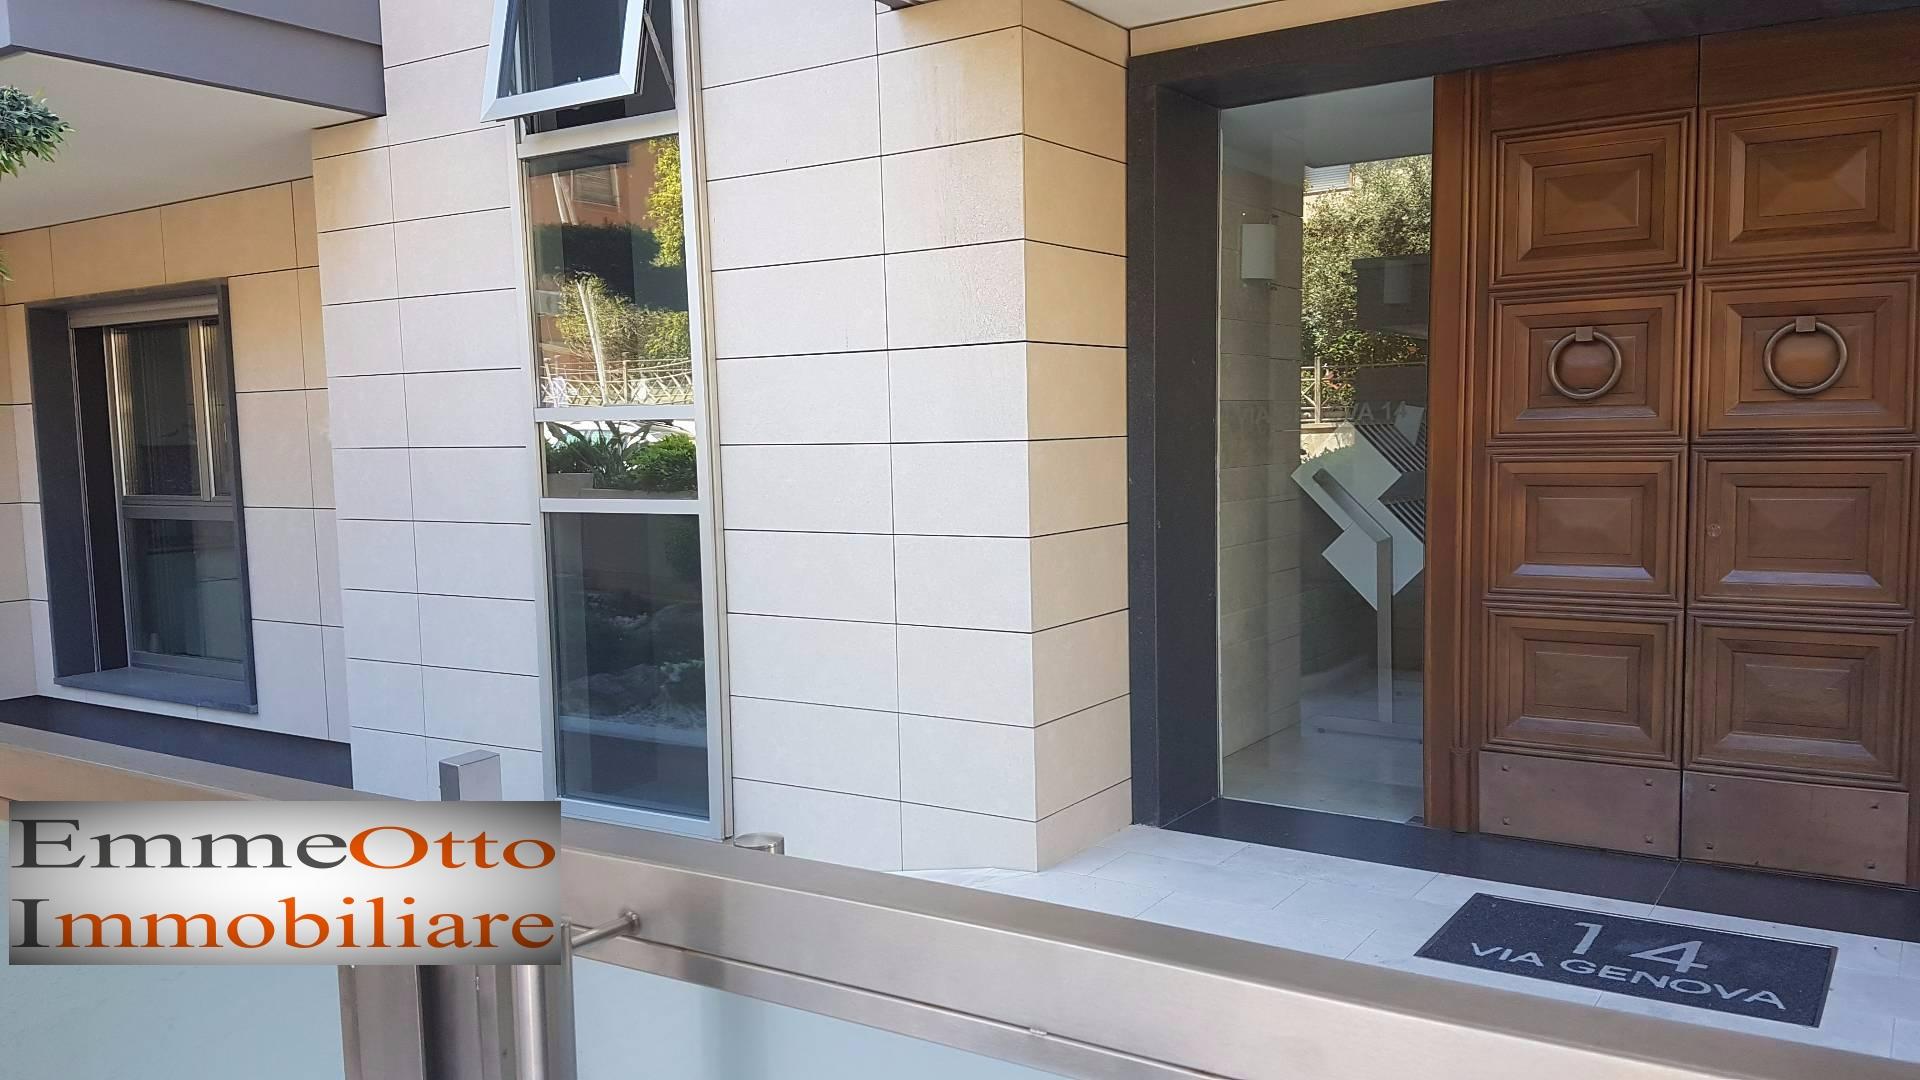 Appartamento in affitto a Cagliari, 3 locali, zona Zona: Bonaria, prezzo € 1.400 | CambioCasa.it